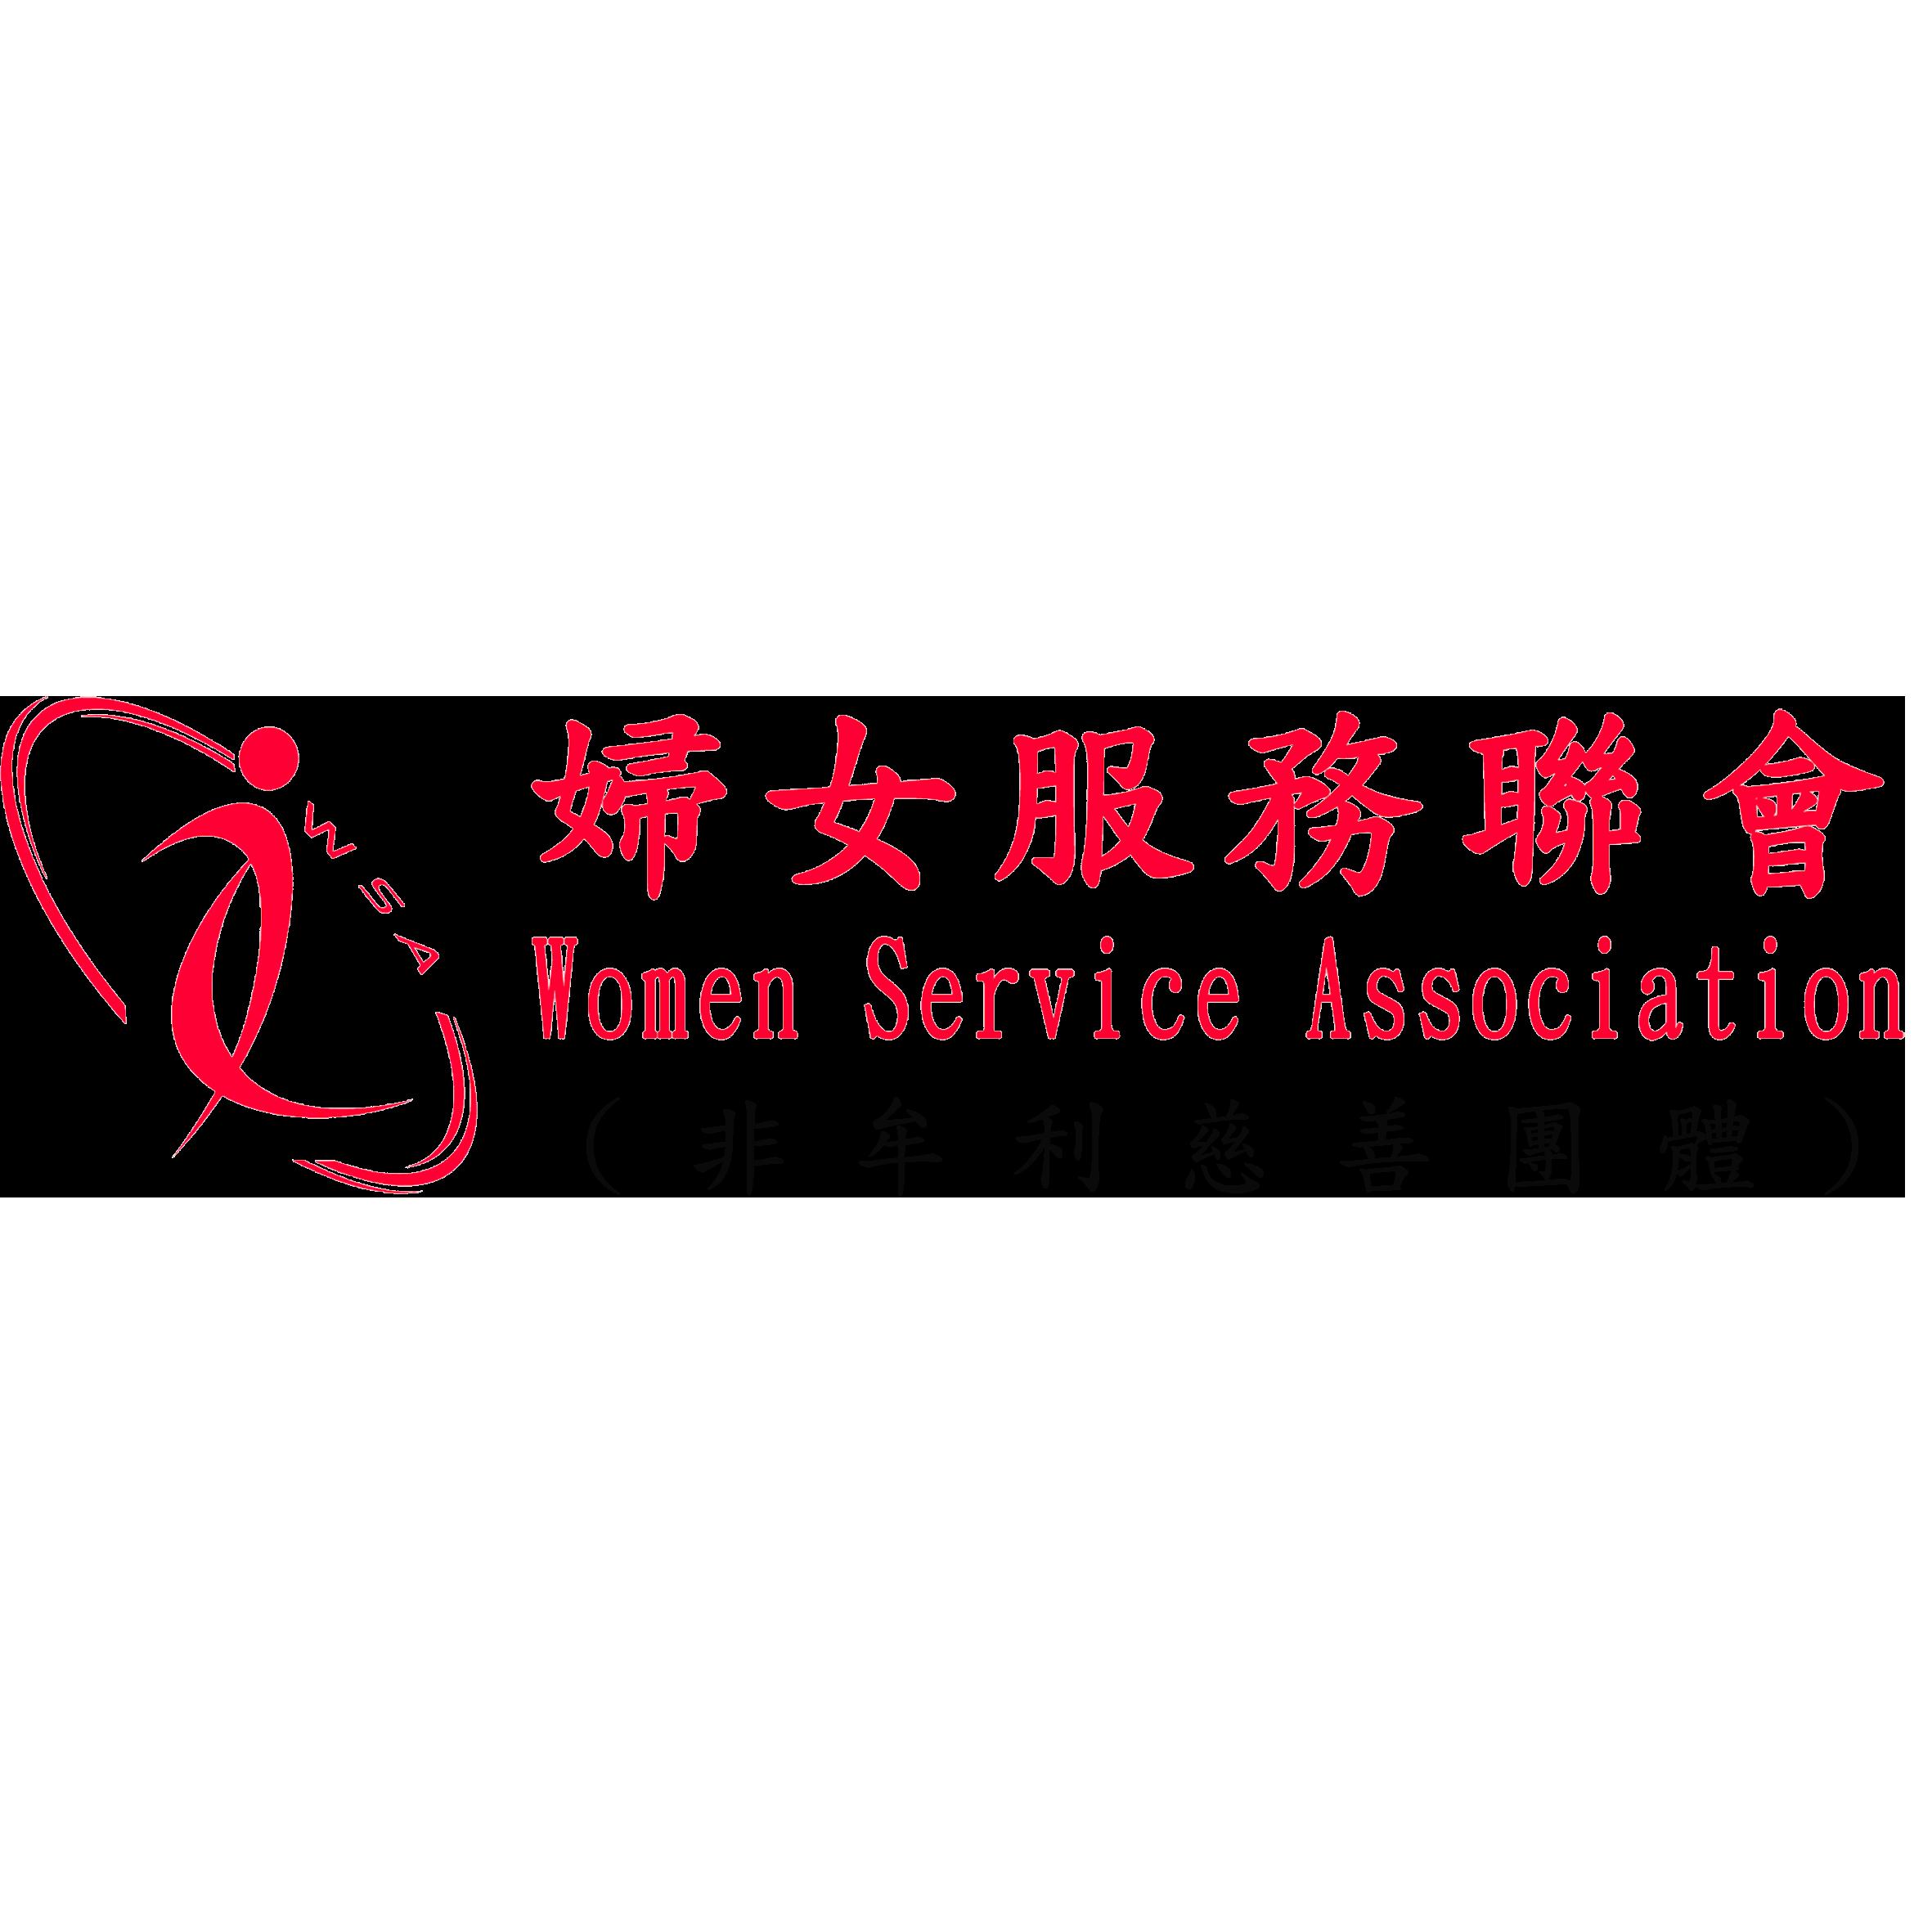 Women Service Association